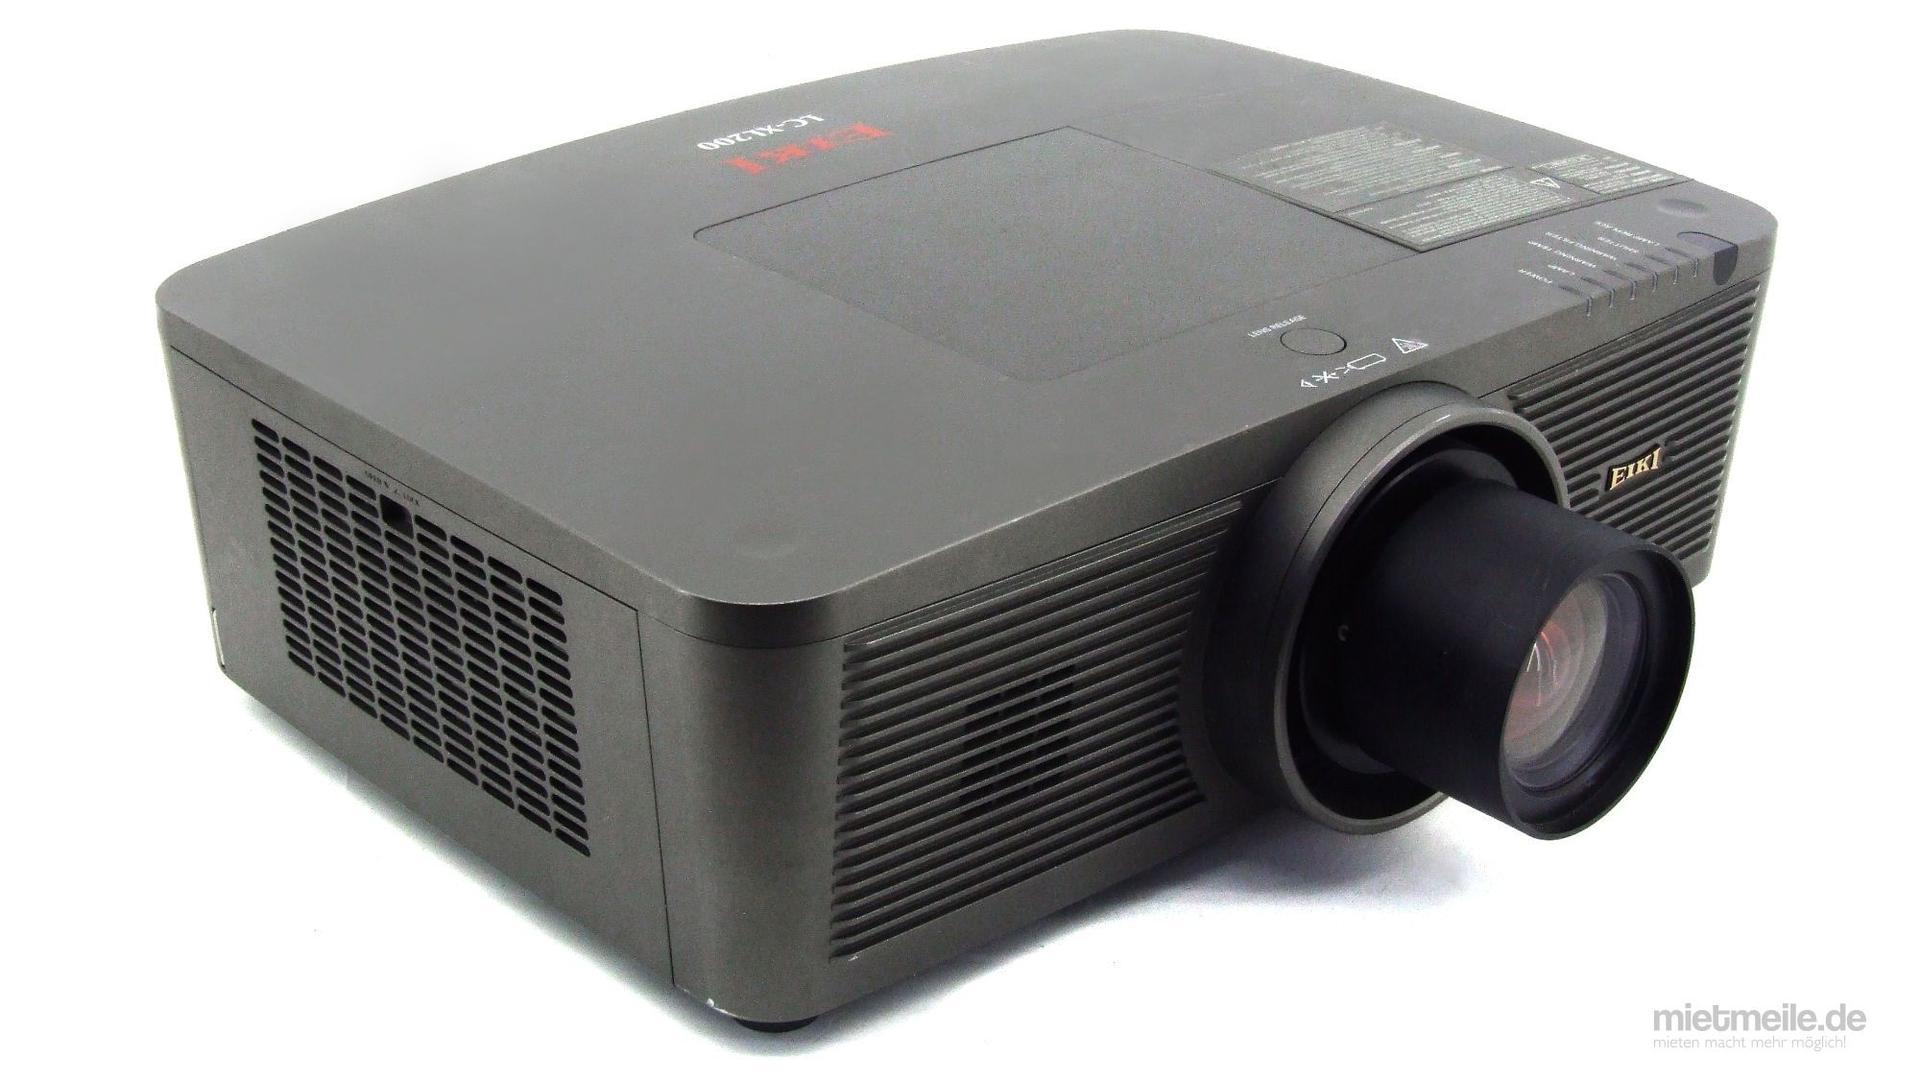 Beamer mieten & vermieten - Beamer Eiki 6000 ANSI-Lumen Bild-Projektor in Schkeuditz